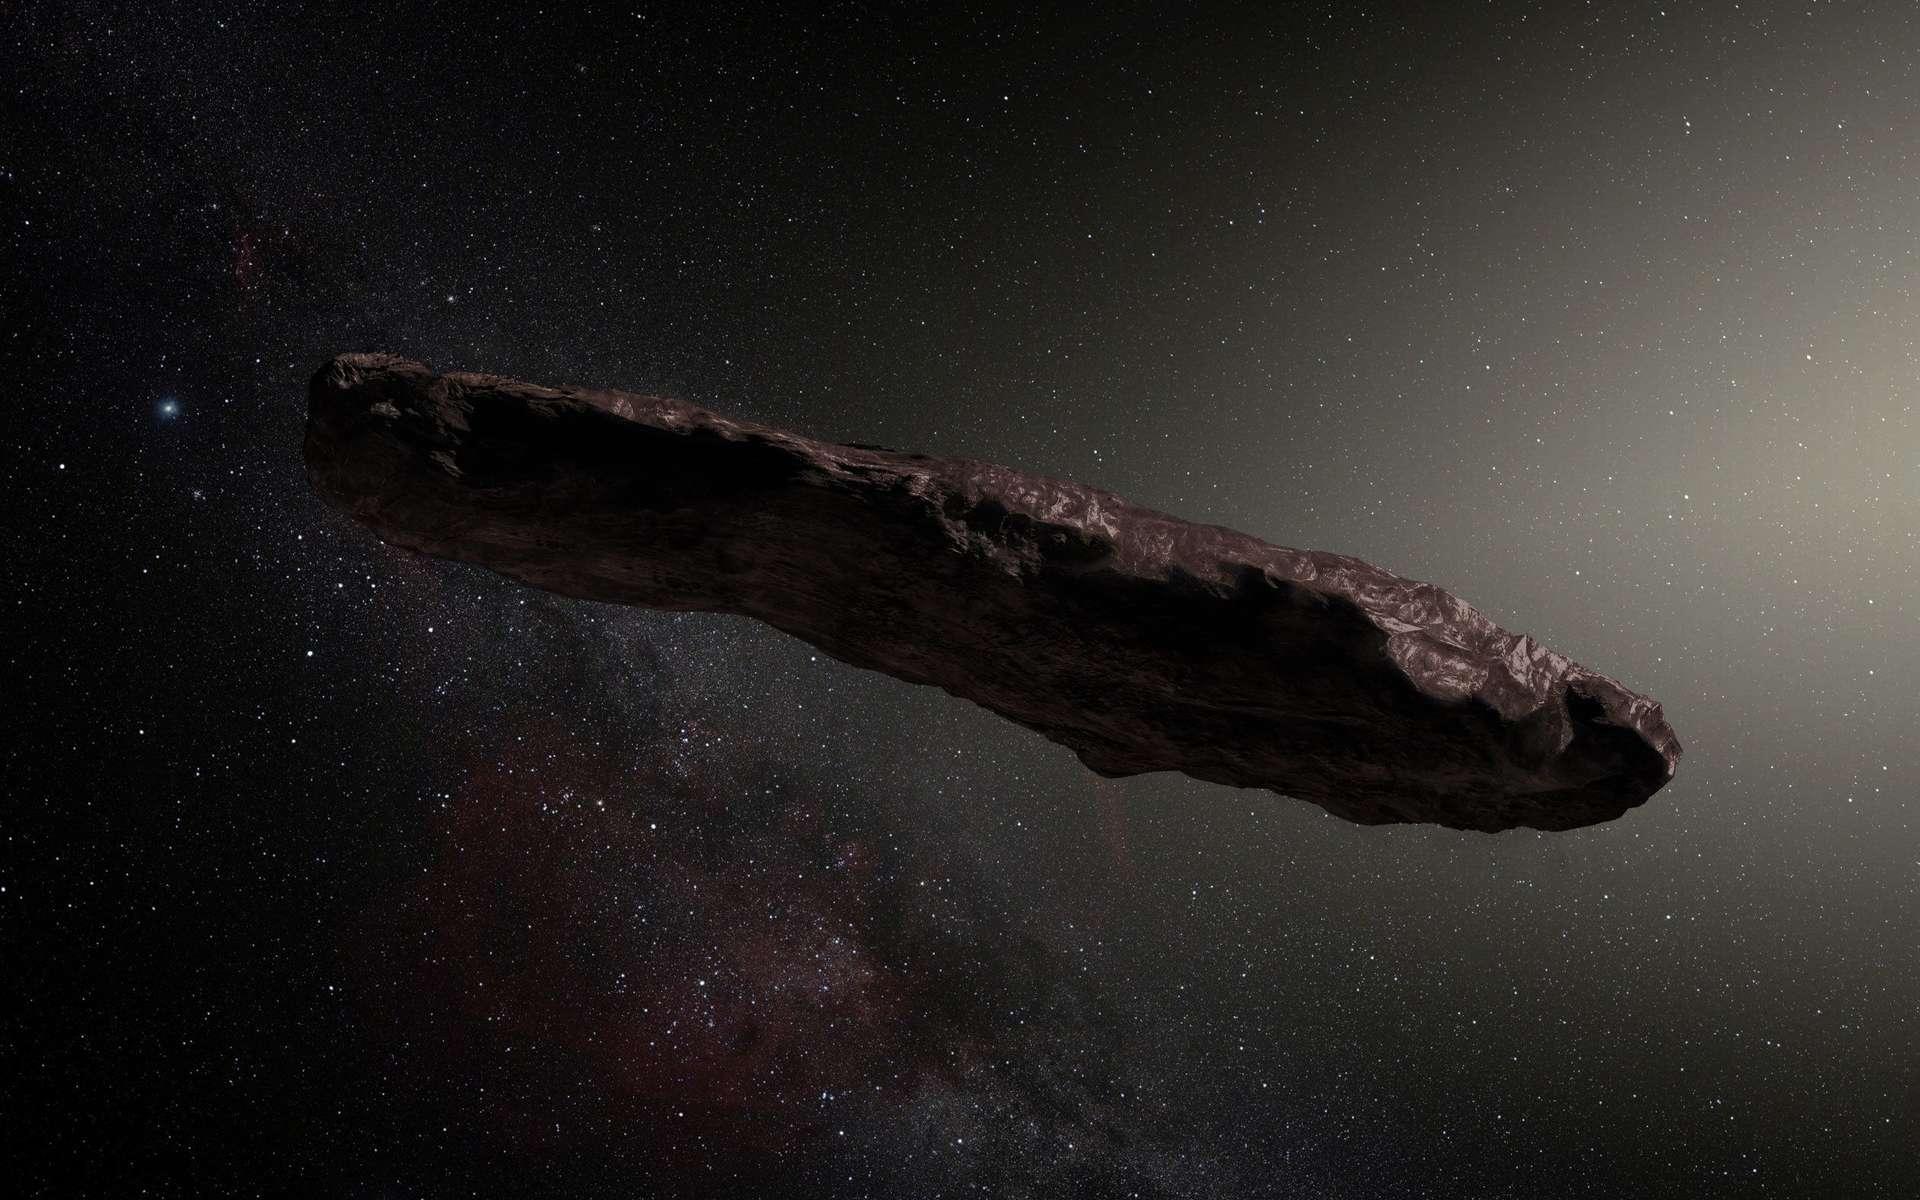 Illustration de l'objet interstellaire ʻOumuamua, découvert en 2017 lors de sa traversée du Système solaire. © ESA